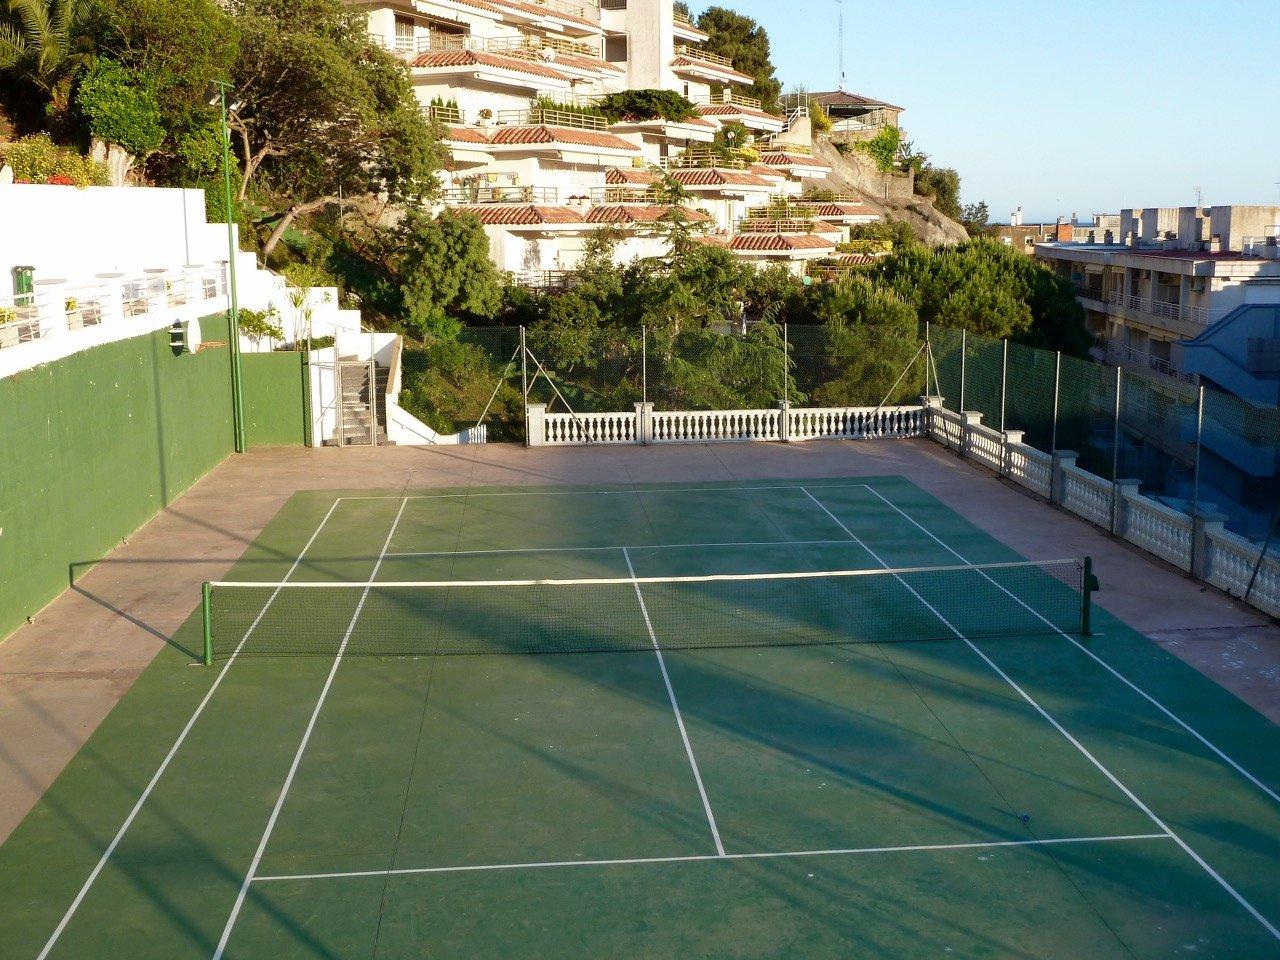 tennis-tourist-tossa-de-mar-spain-hotel-don-juan-tennis-court-view-teri-church